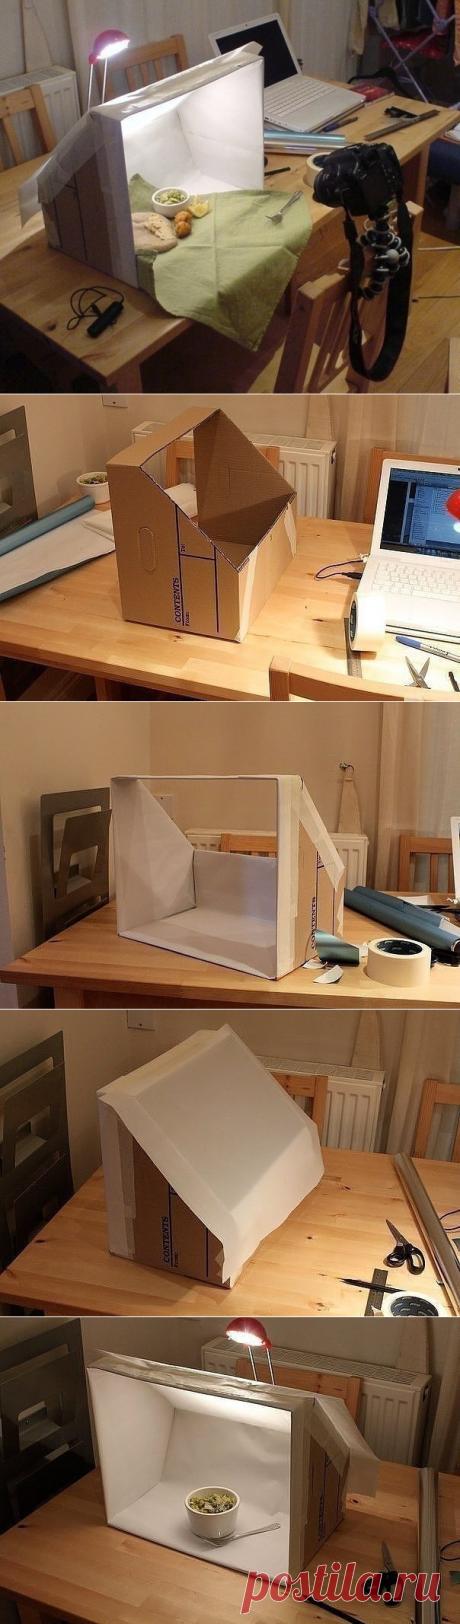 Лайтбокс из картонной коробки для фотографирования своих работ.